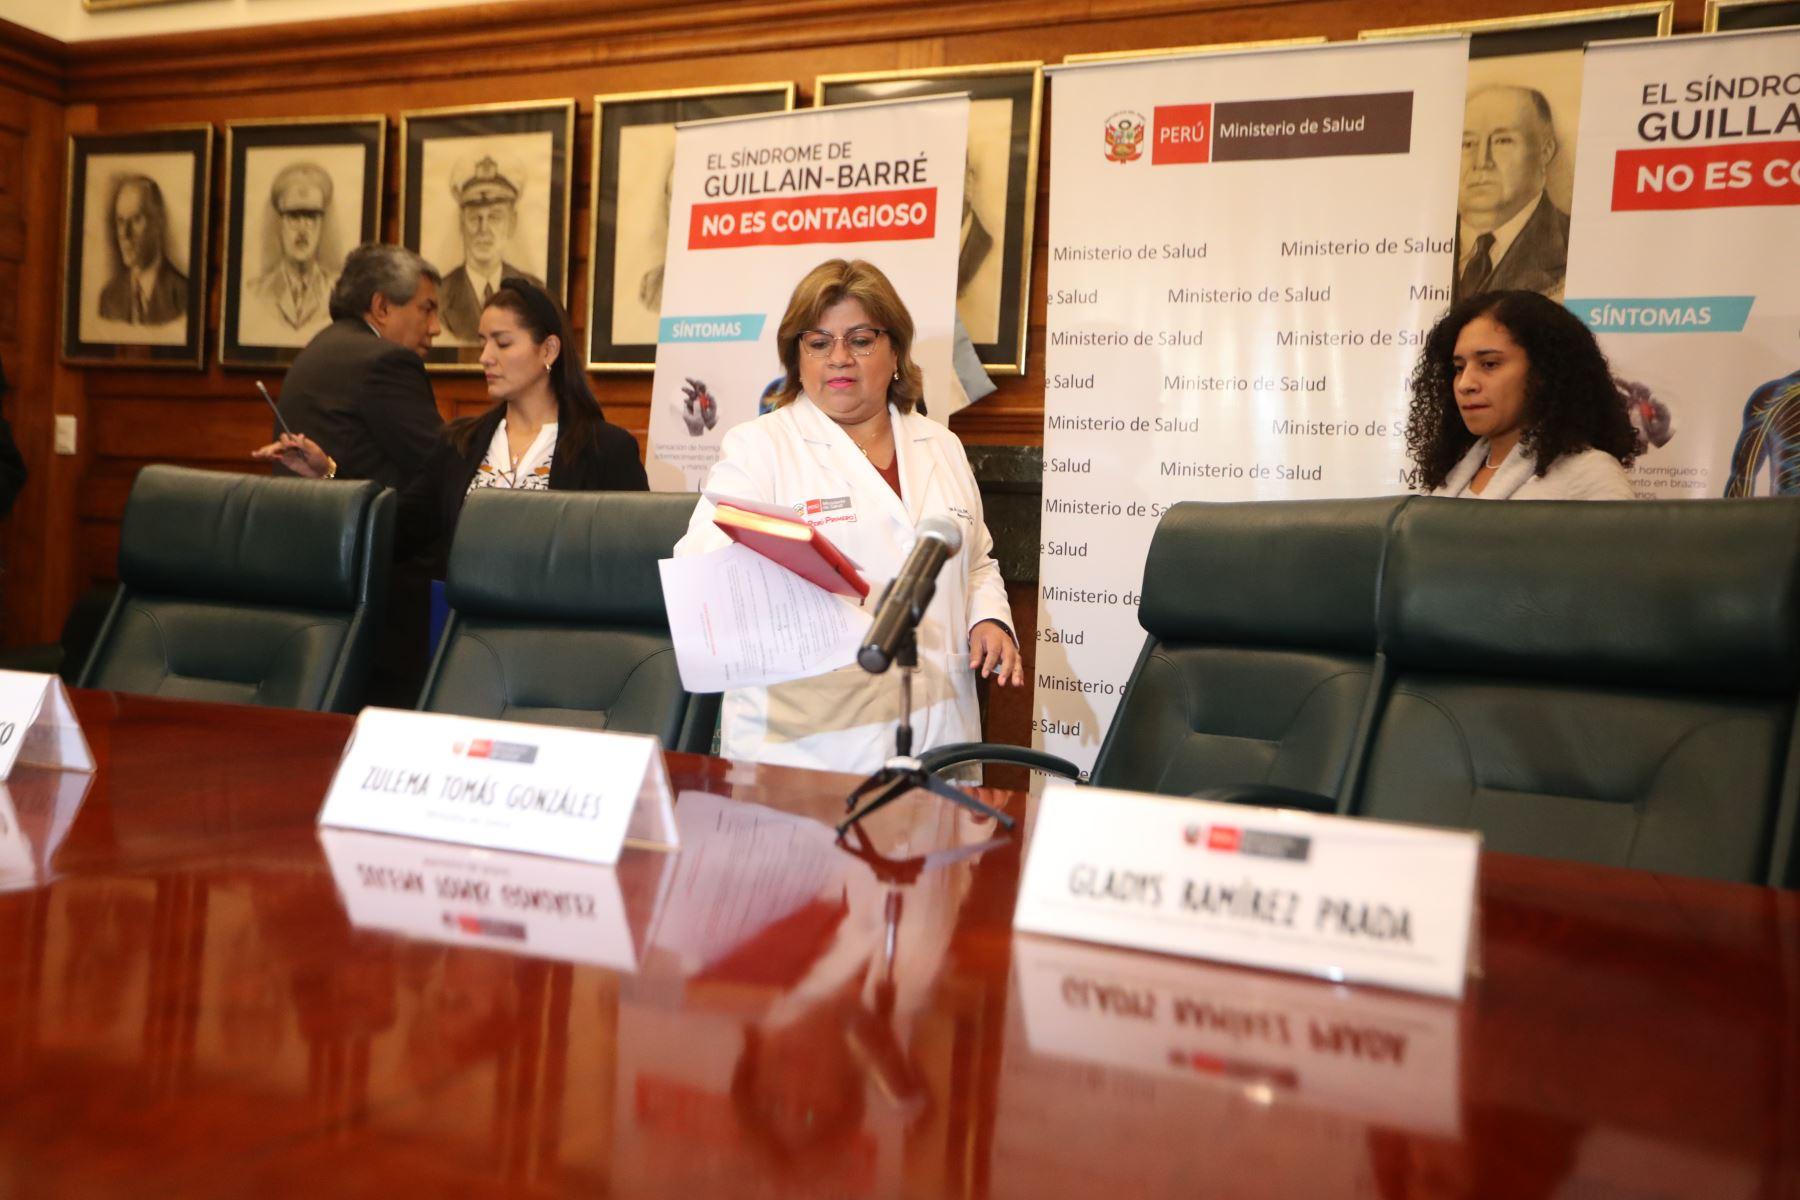 Ministra de Salud, Zulema Tomas ofrece conferencia de prensa para informar sobre el síndrome de Guilliain Barre. Foto: ANDINA/Melina Mejía